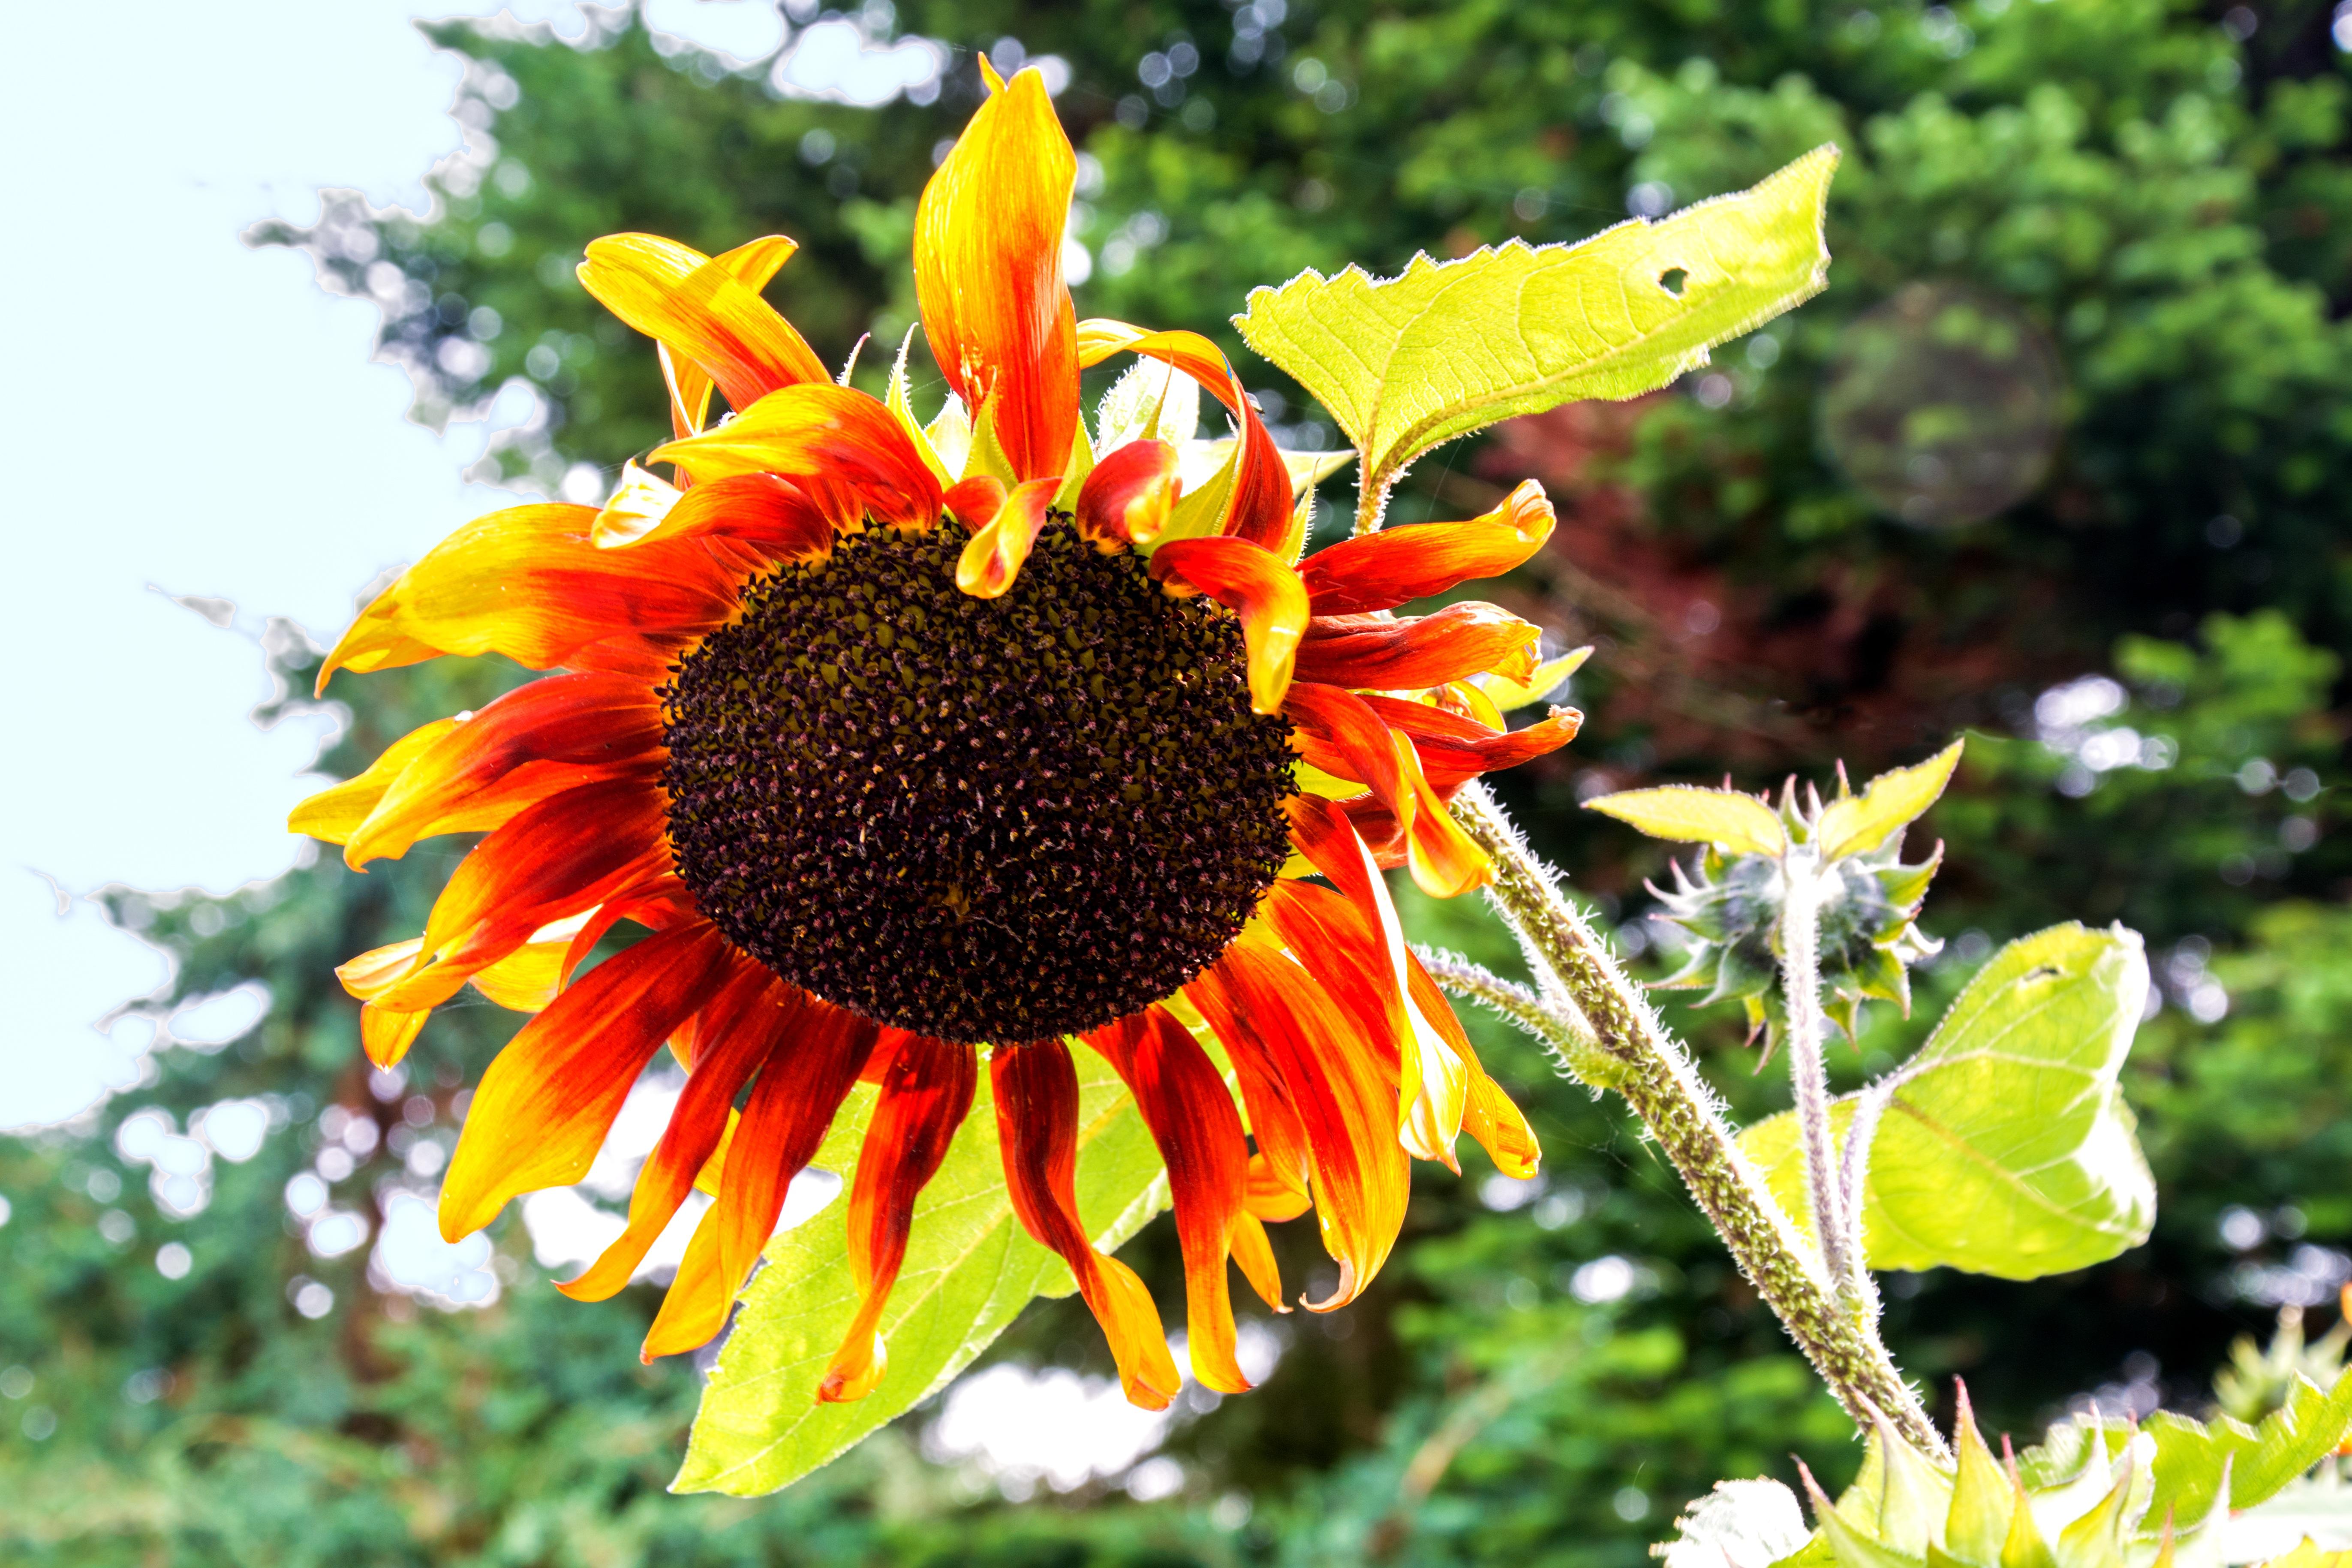 Images Gratuites : la nature, fleur, pétale, Floraison, vert, l ...